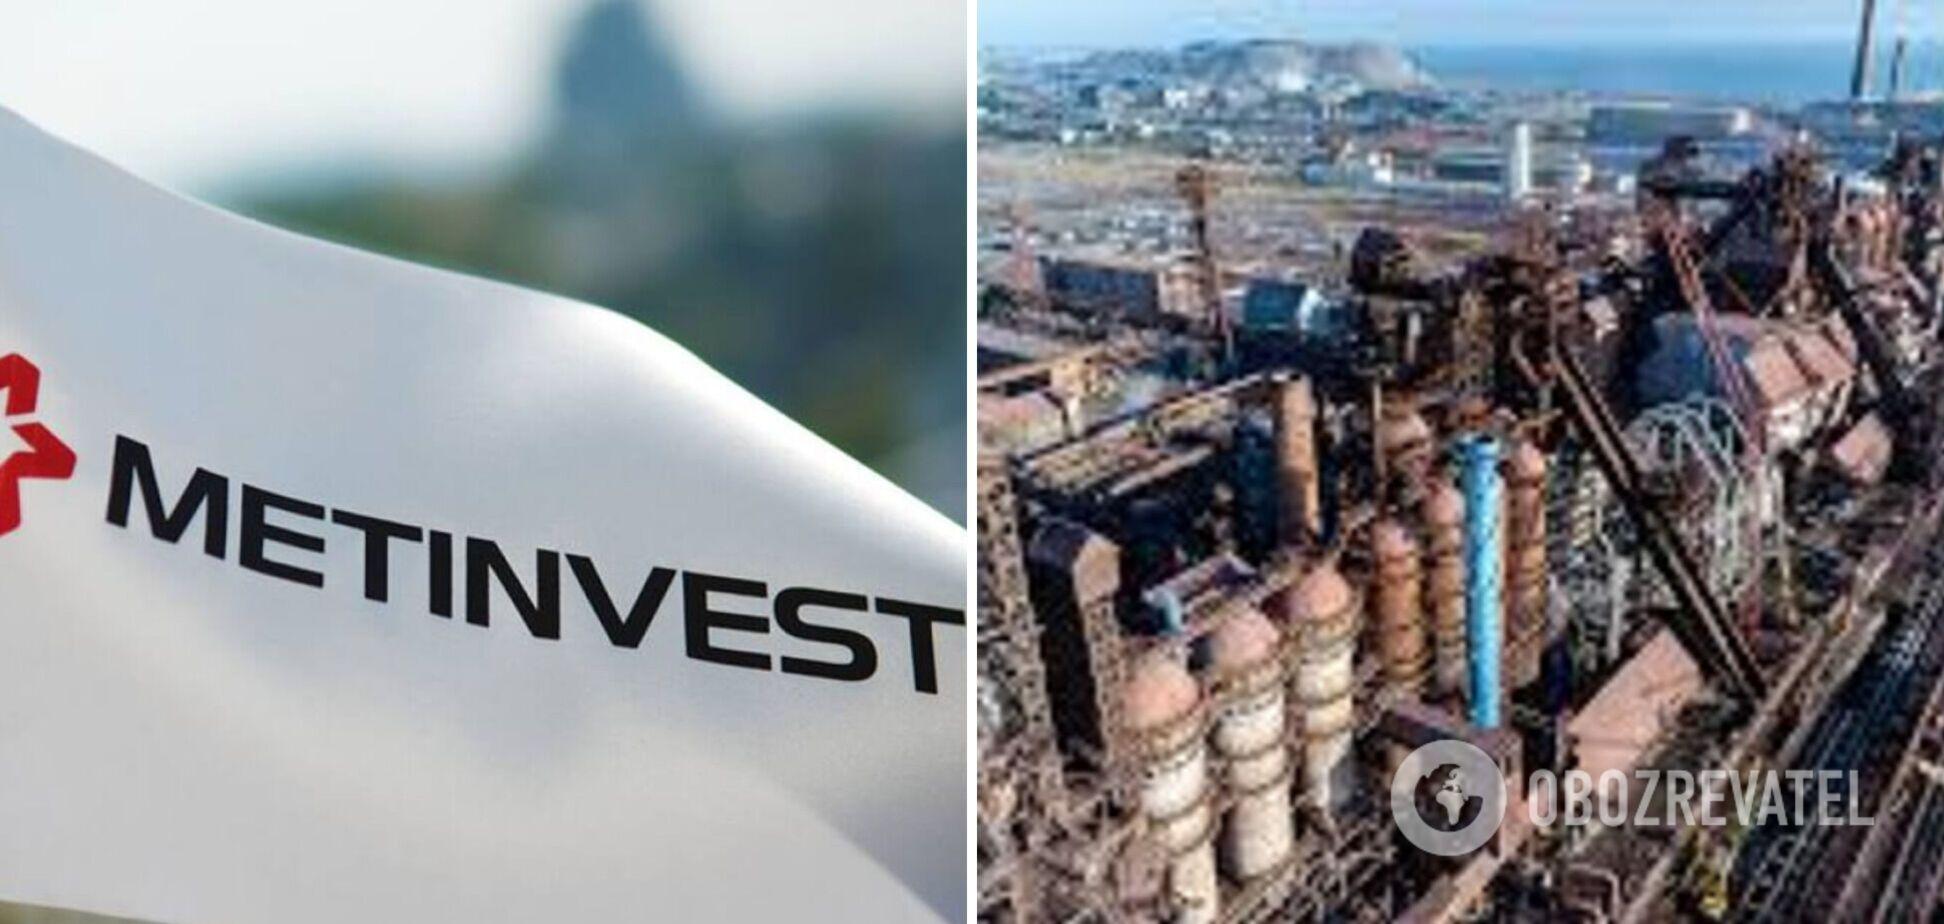 Инвестиция группы 'Метинвест' кардинально повлияет на экономику Донецкого региона и Украины в целом